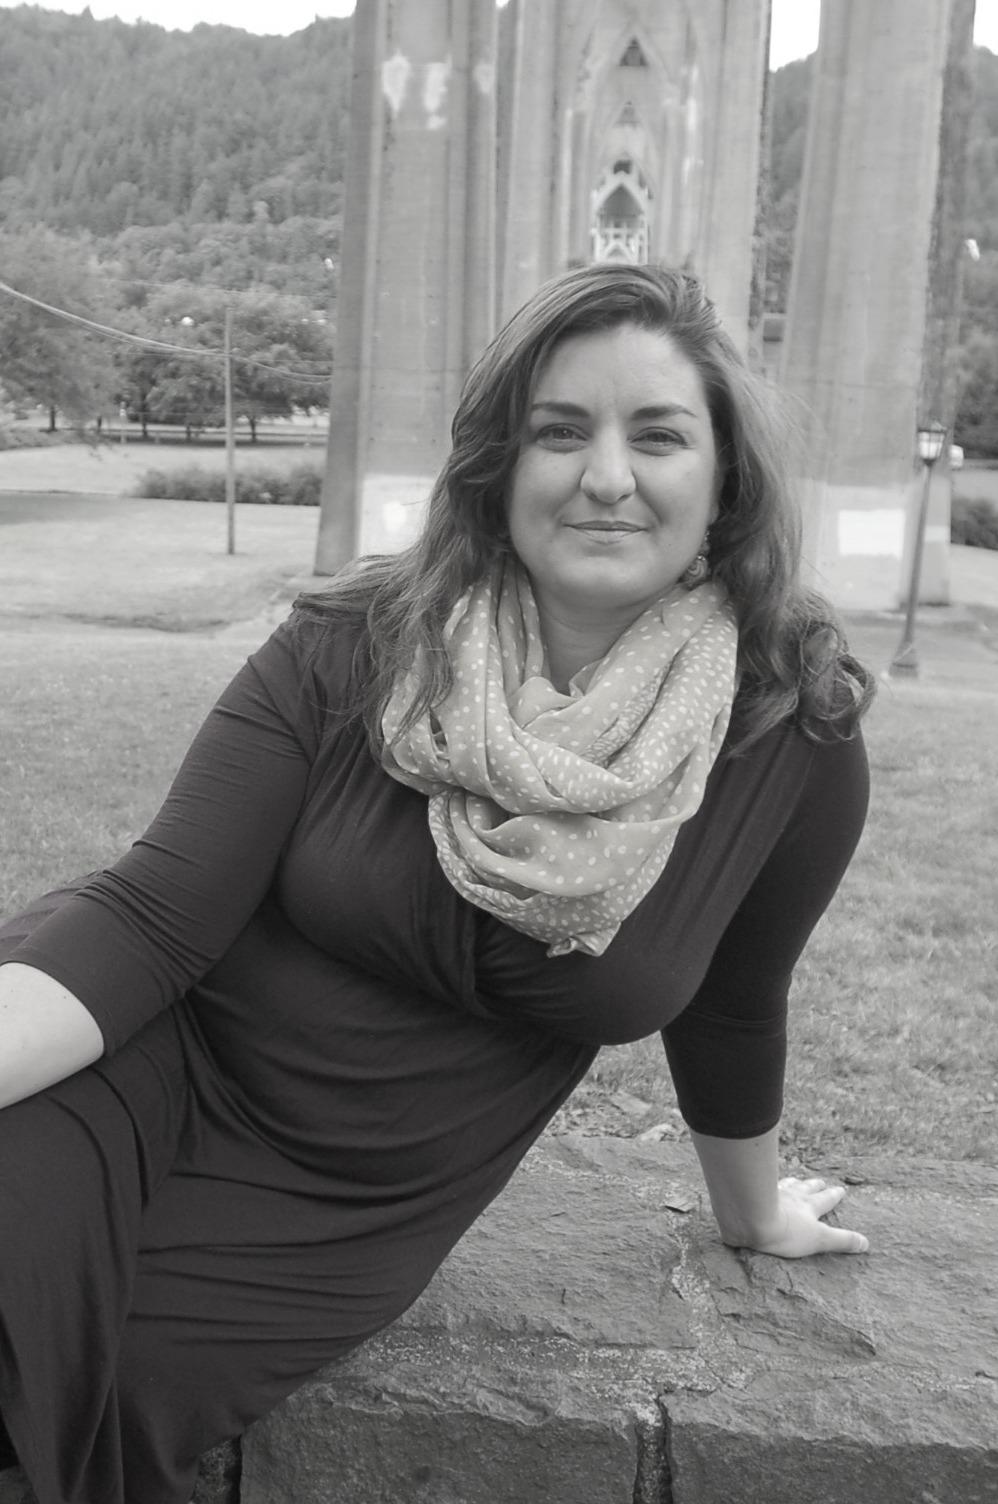 gina senarighi couples therapist in portland | couples counseling and sex counseling in portland